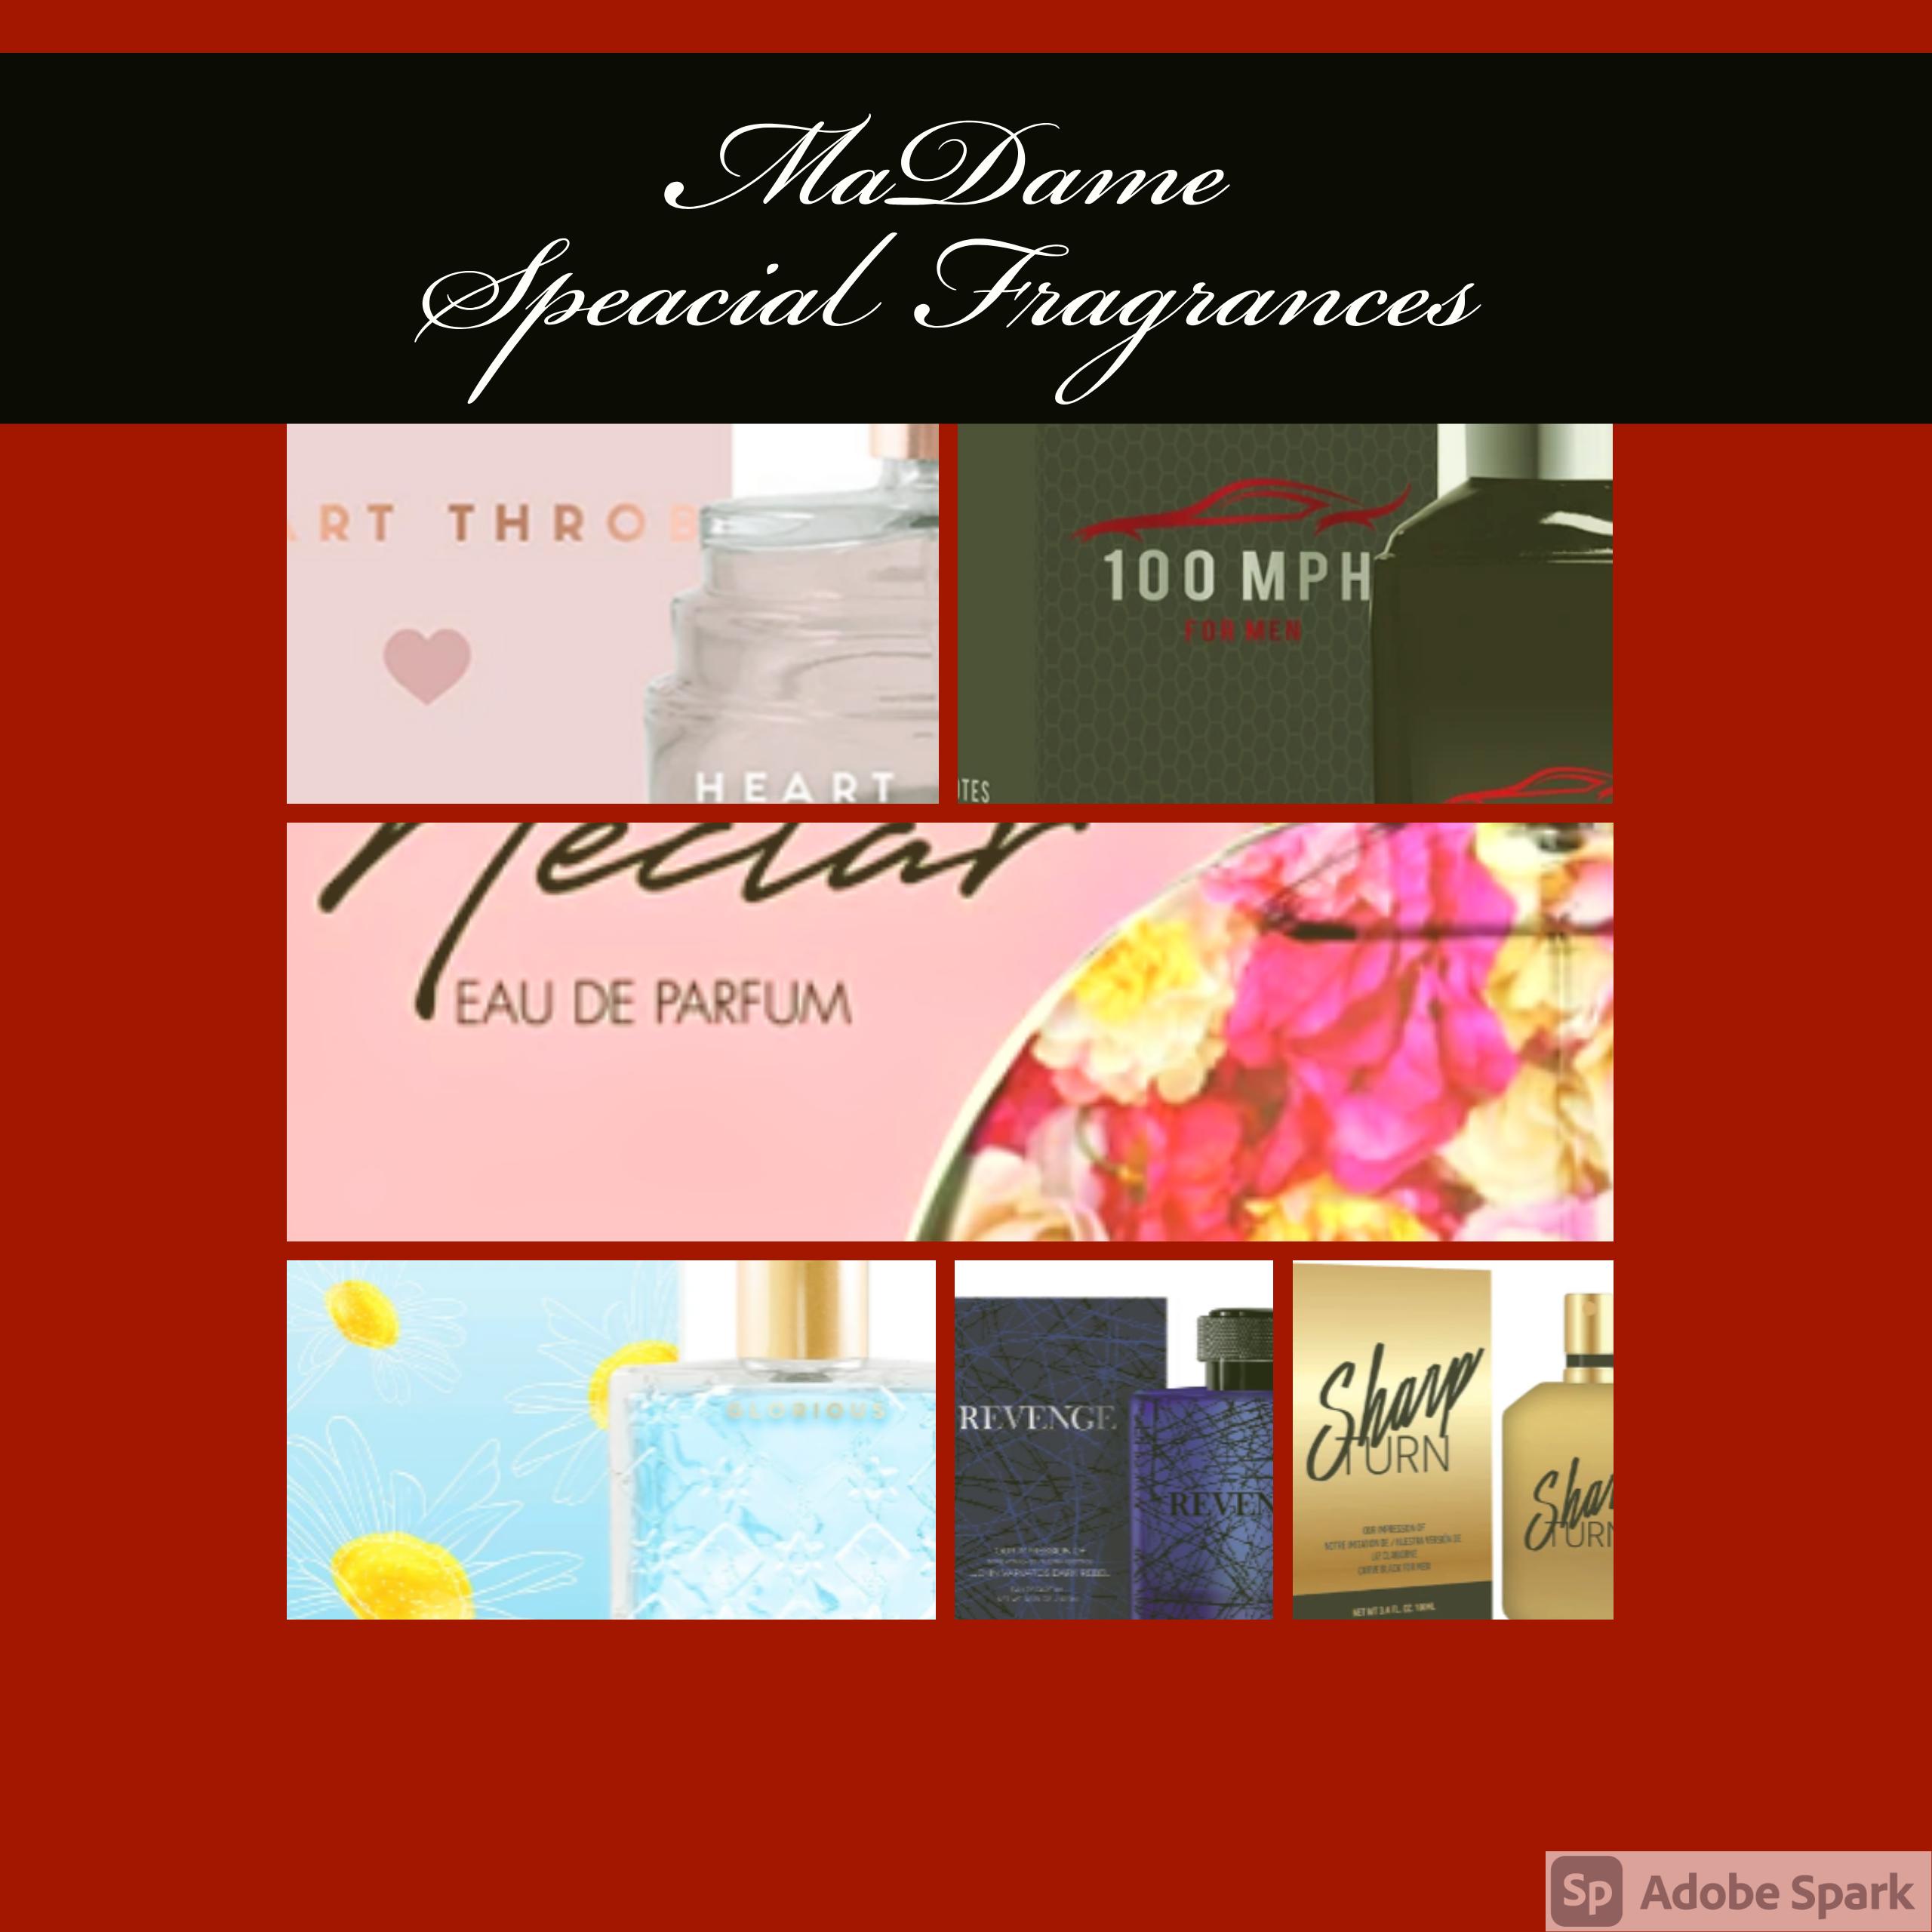 MaDame Special Fragrances